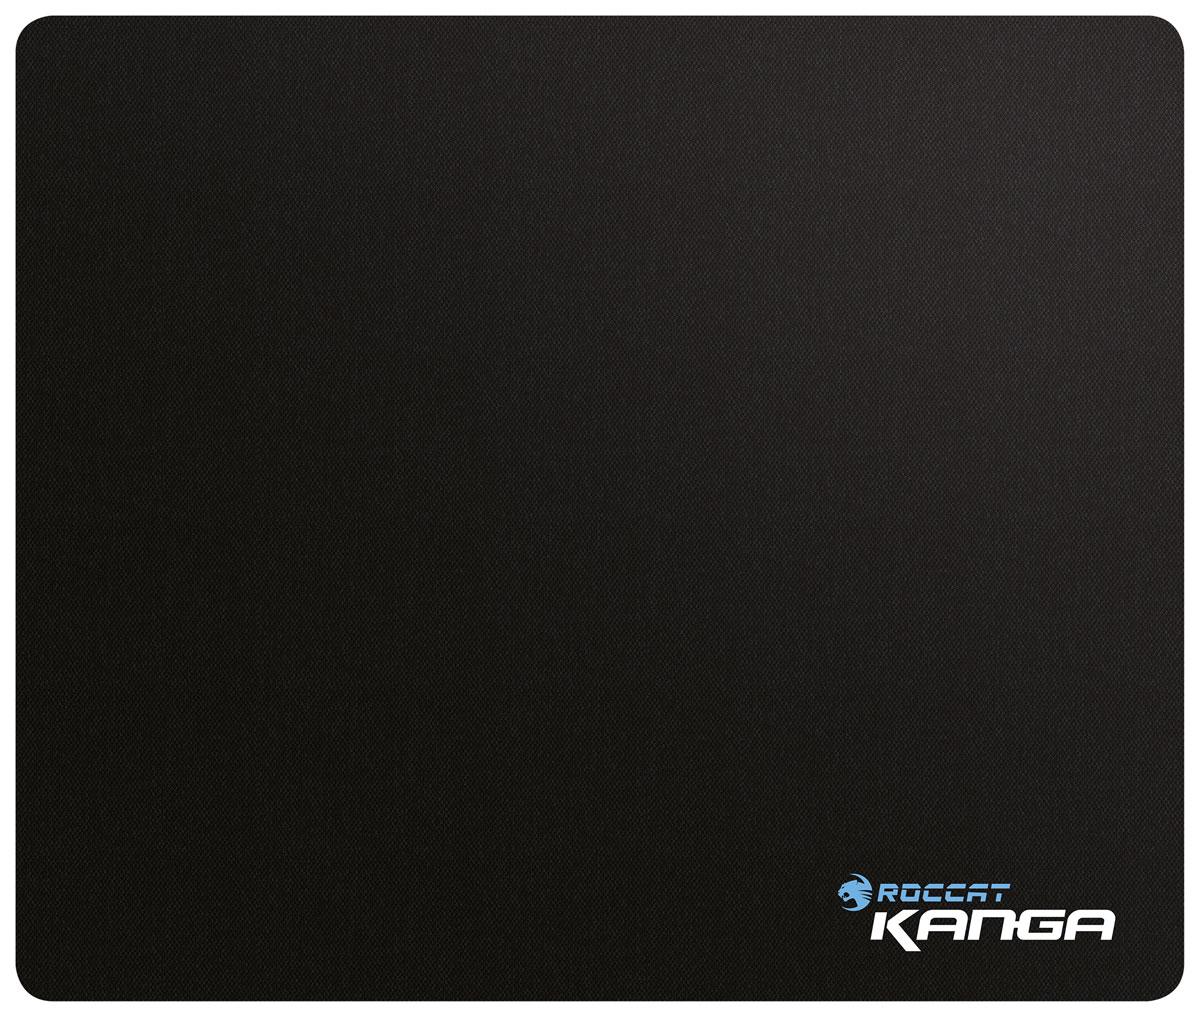 ROCCAT Kanga Mini игровой коврик для мышиROC-13-011Важнейший союзник вашей любимой игровой мыши, коврик Kanga на тканевой основе прошел целую серию испытаний экспертов ROCCAT, протестировавших на нем более 80 мышек. Комфортные размеры и приятная поверхность. Качественная волокнистая поверхность Kanga гарантирует идеальный баланс осей X-Y и полный контроль за движениями мыши. Прорезиненное основание обеспечивает идеальное сцепление с поверхностью, необходимое для надежного и точного управления. Коврик ROCCAT Kanga — идеальное комбо для вашей игровой мыши.